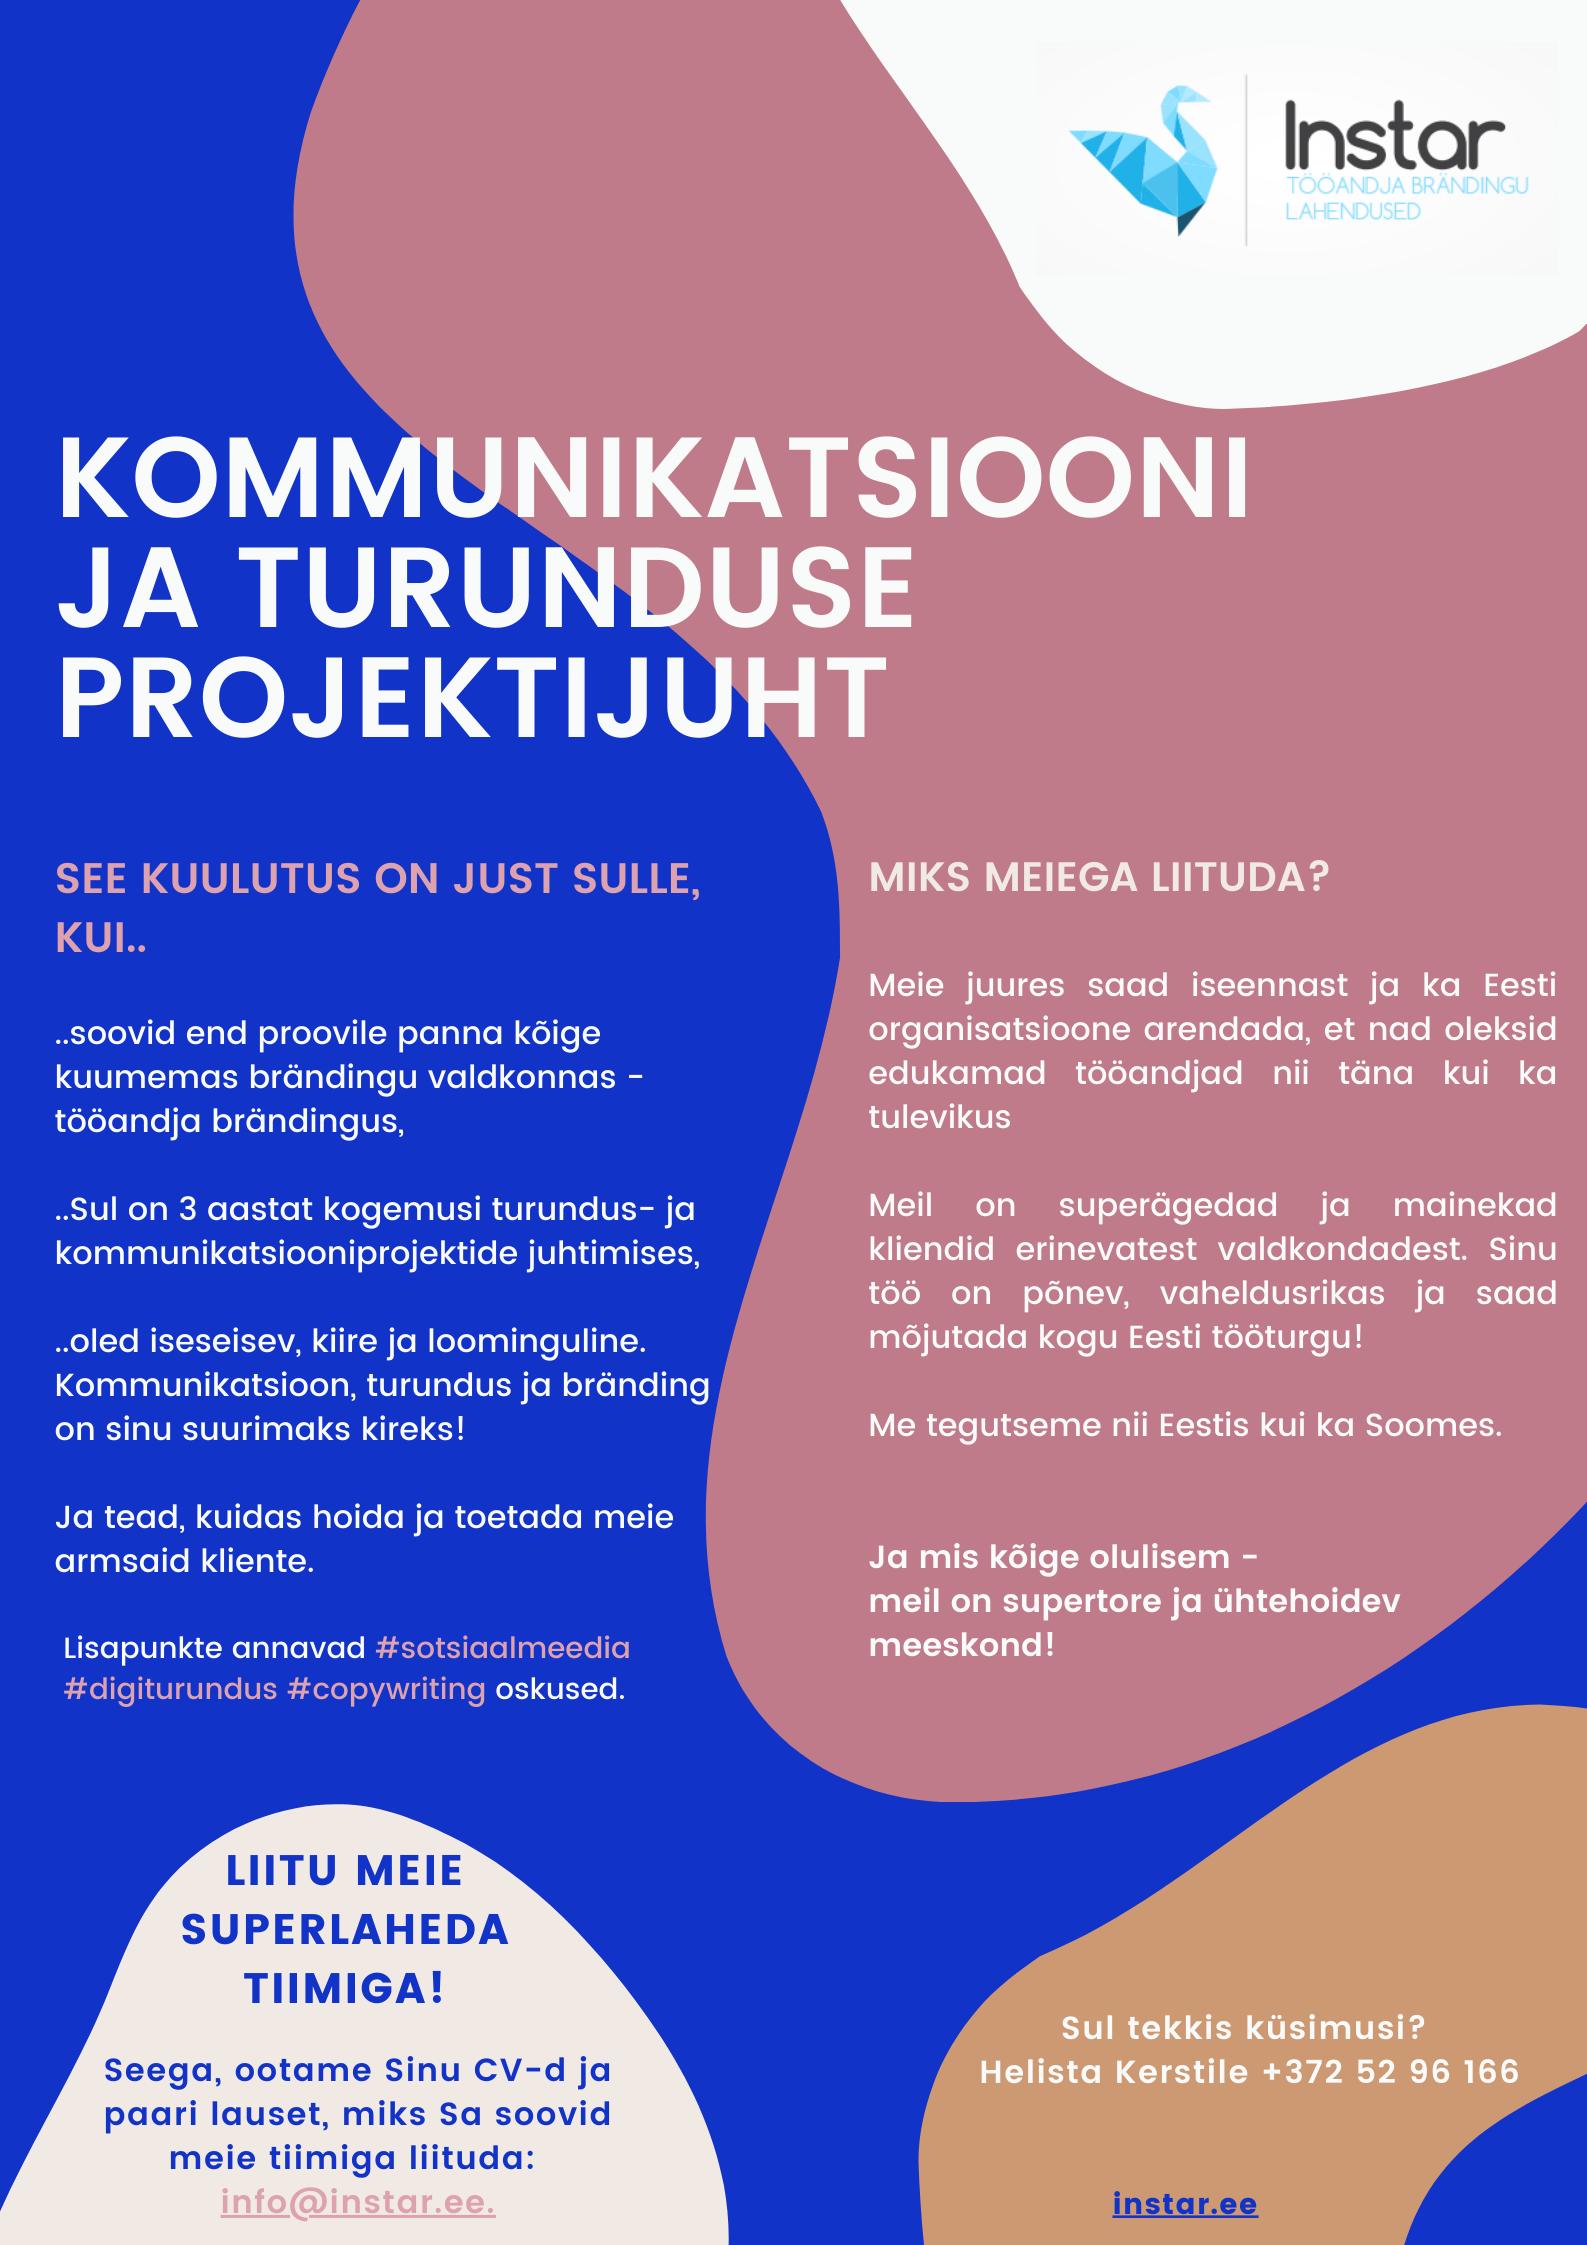 Turunduse ja kommunikatsiooni projektijuhi töökuulutus